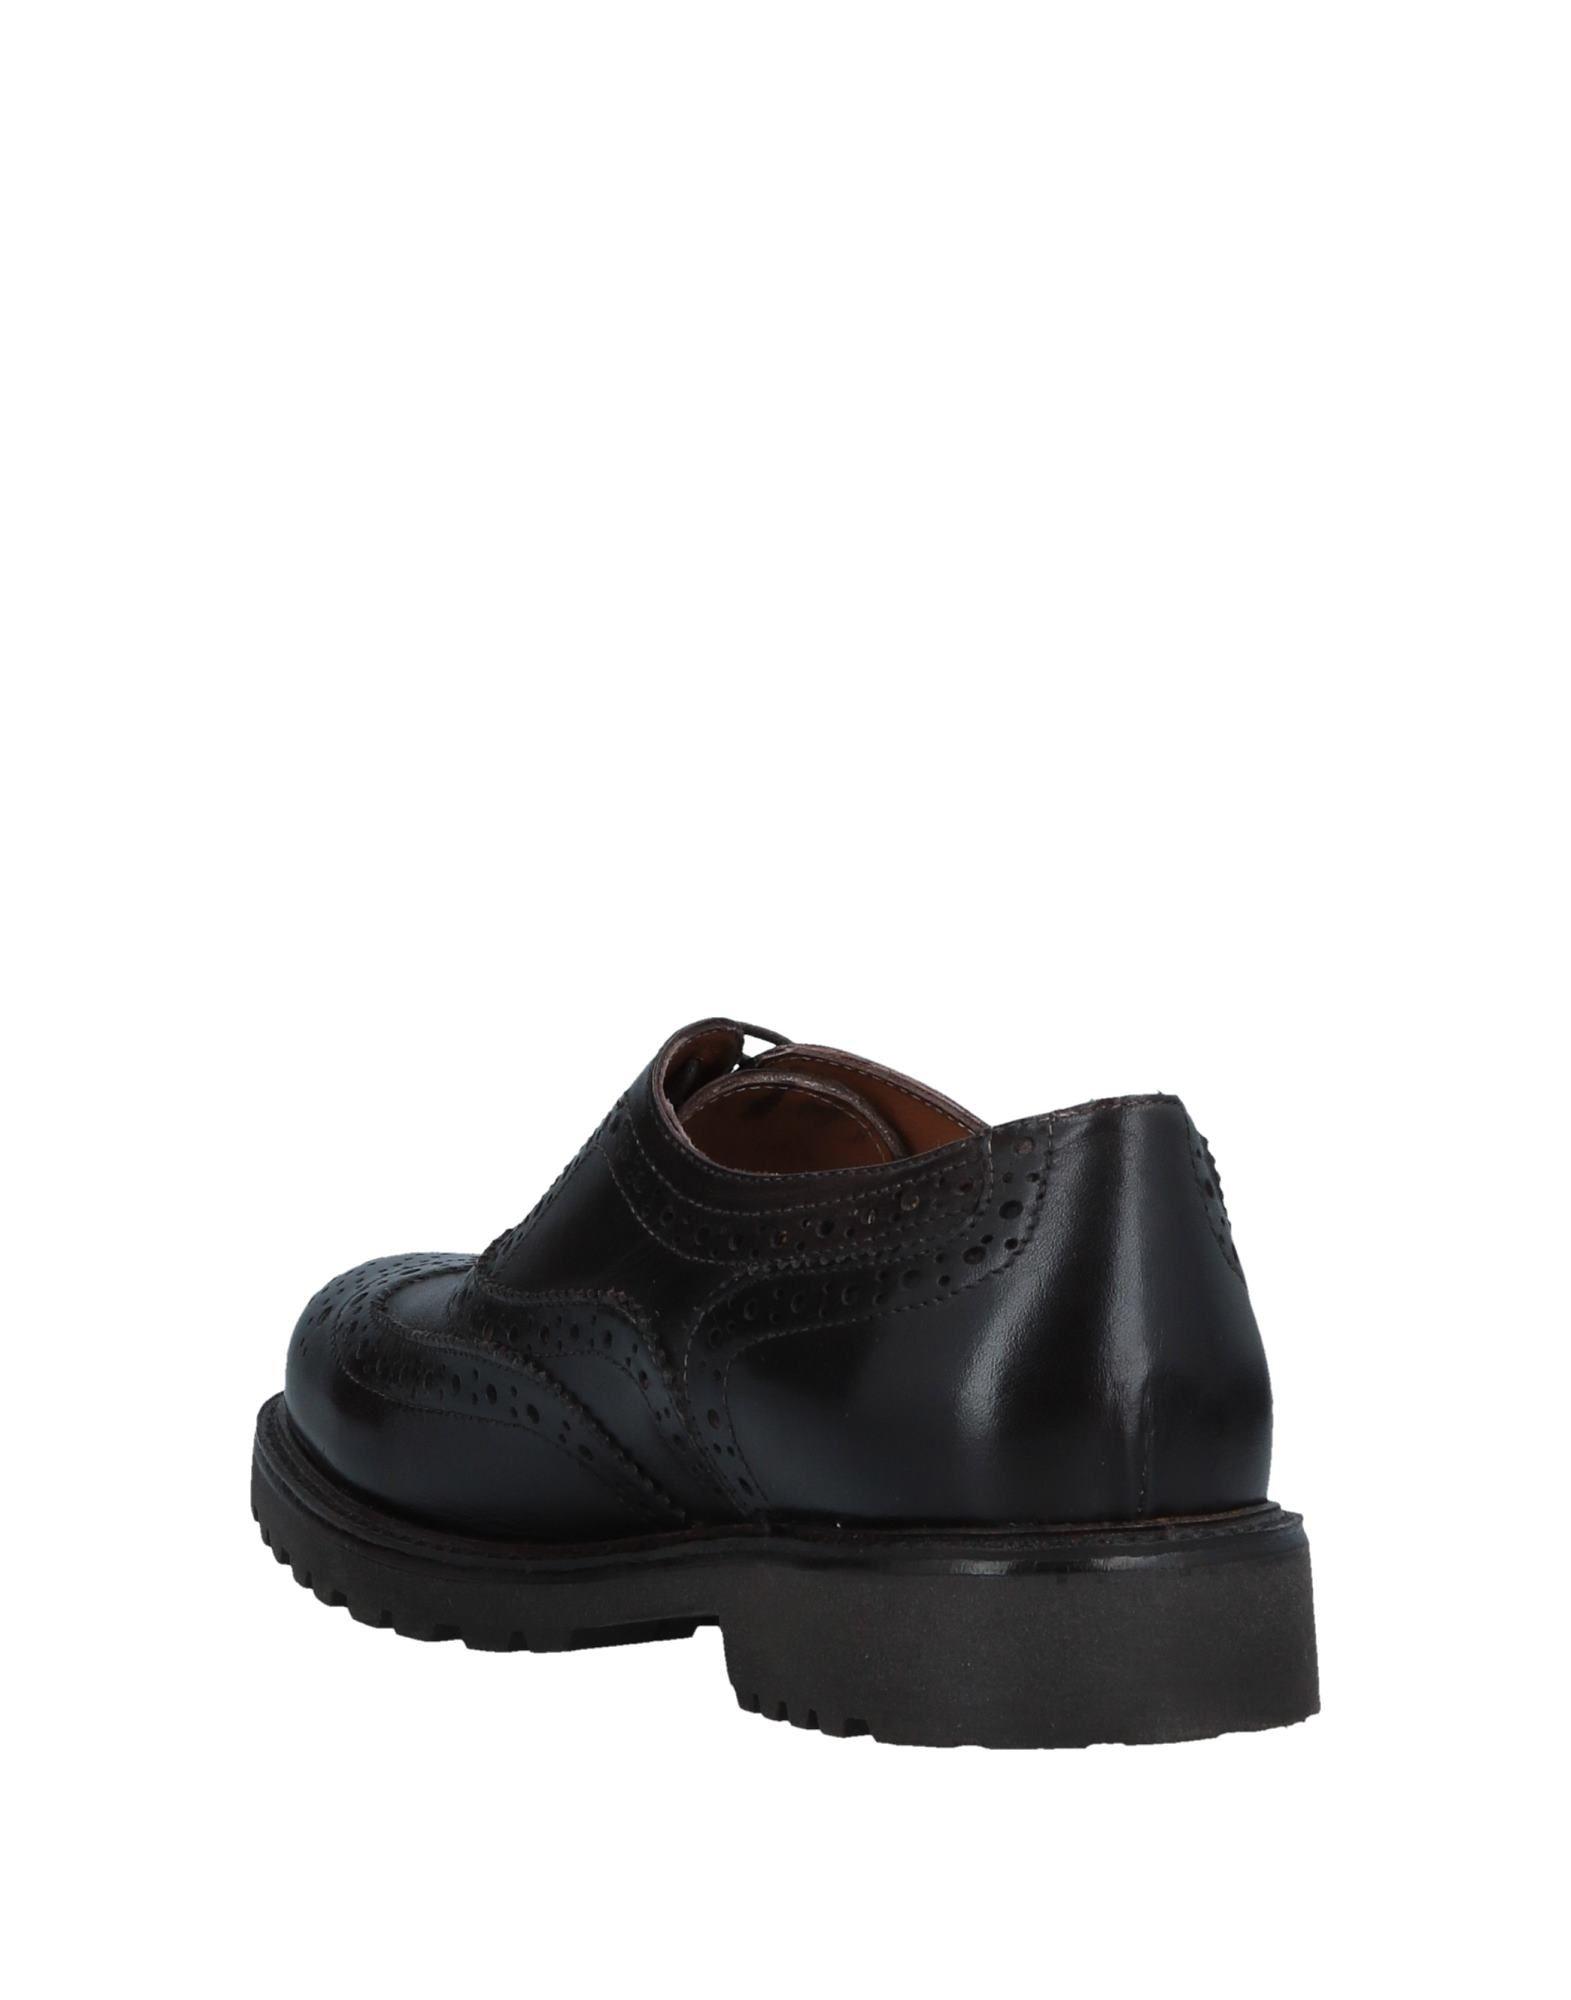 Rabatt echte Schuhe Herren Brawn's Schnürschuhe Herren Schuhe  11526606CR 8073ac